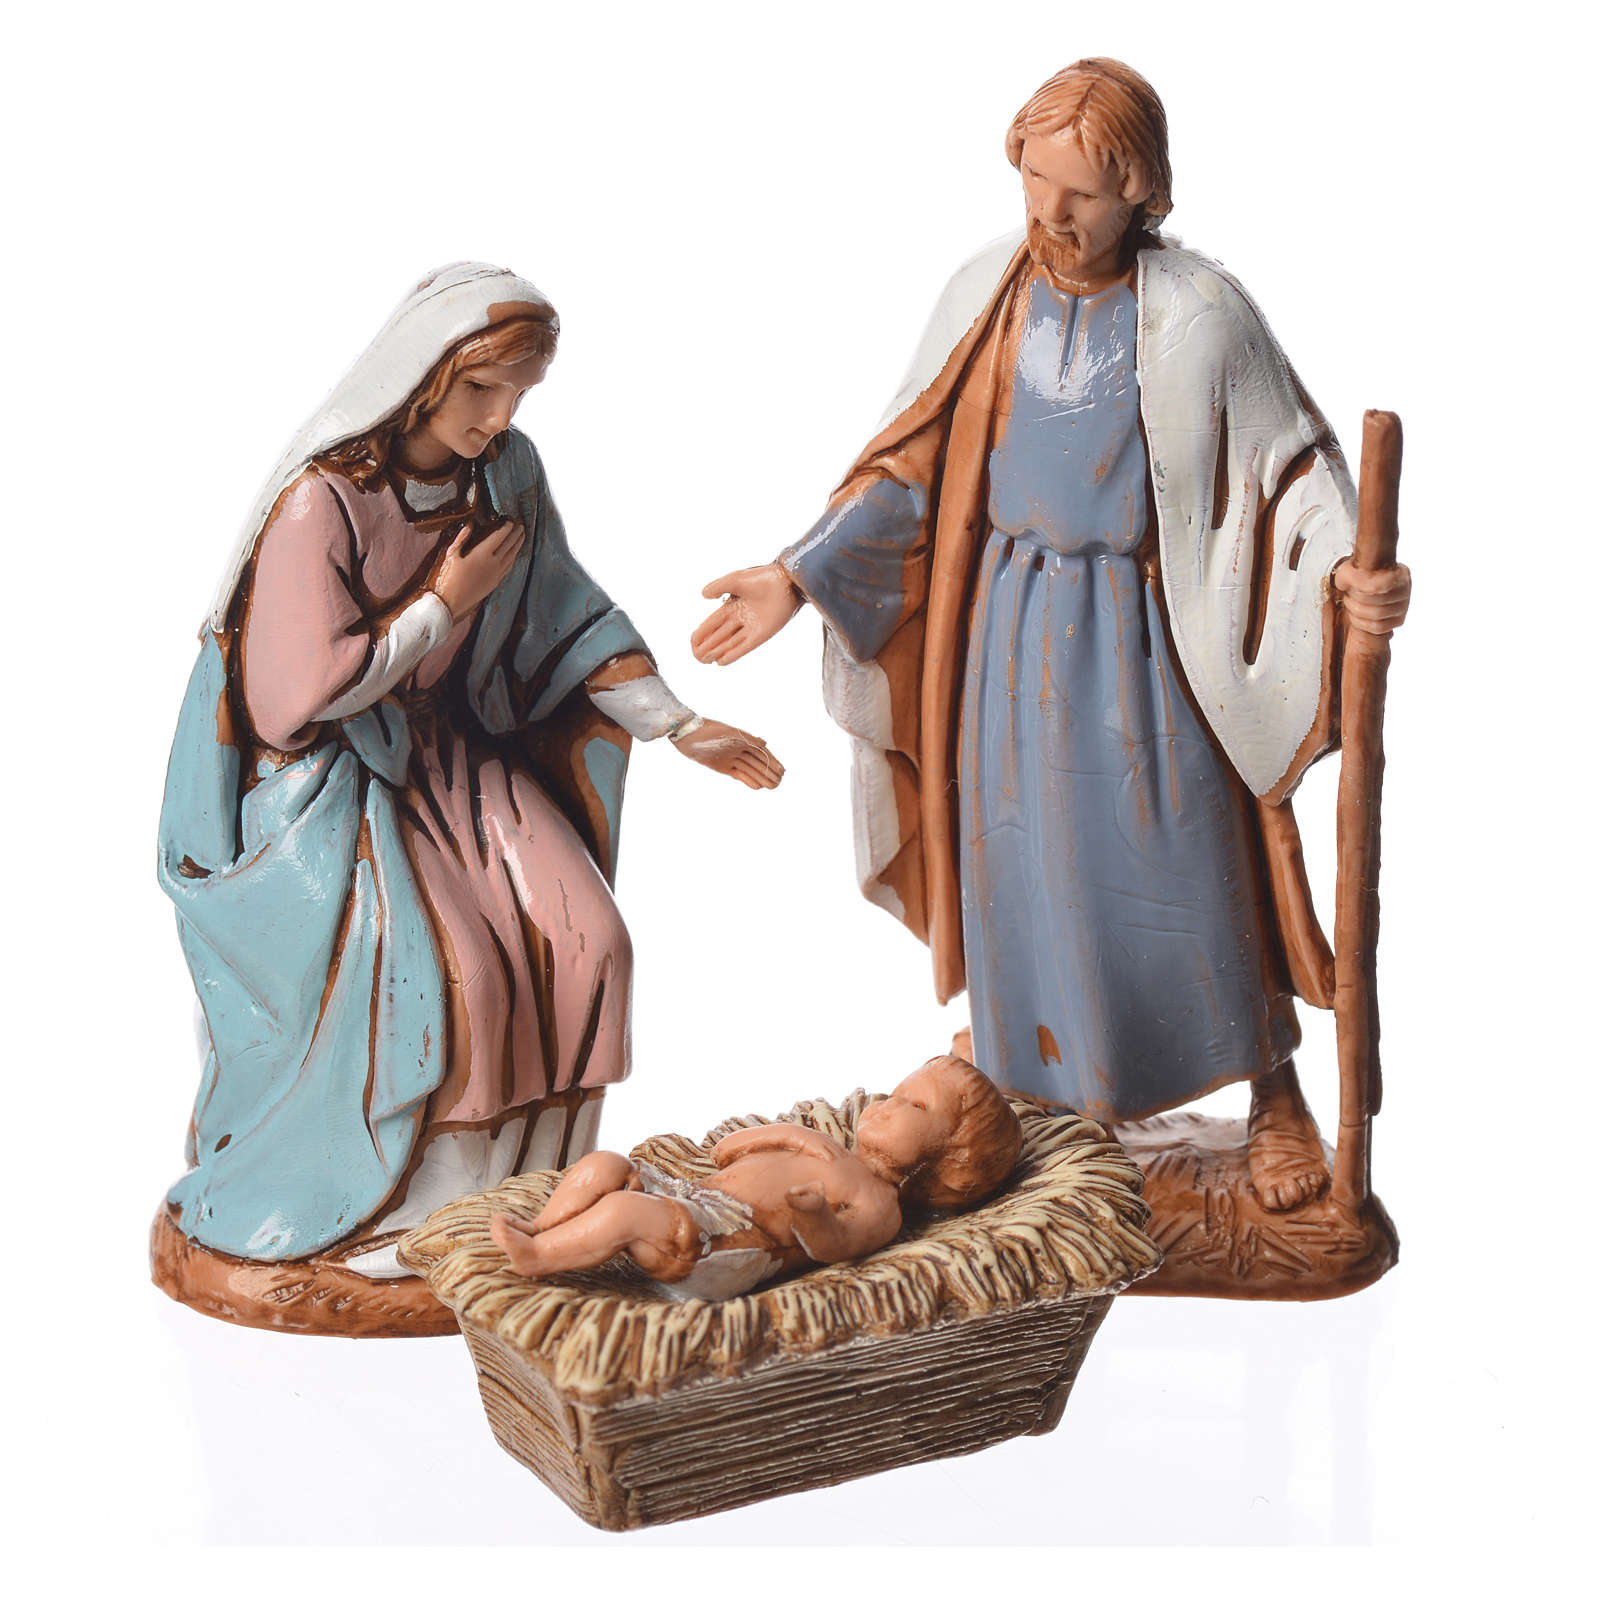 Nativity Scene figurines by Moranduzzo 6.5cm, Arabian style, 6 pieces 4